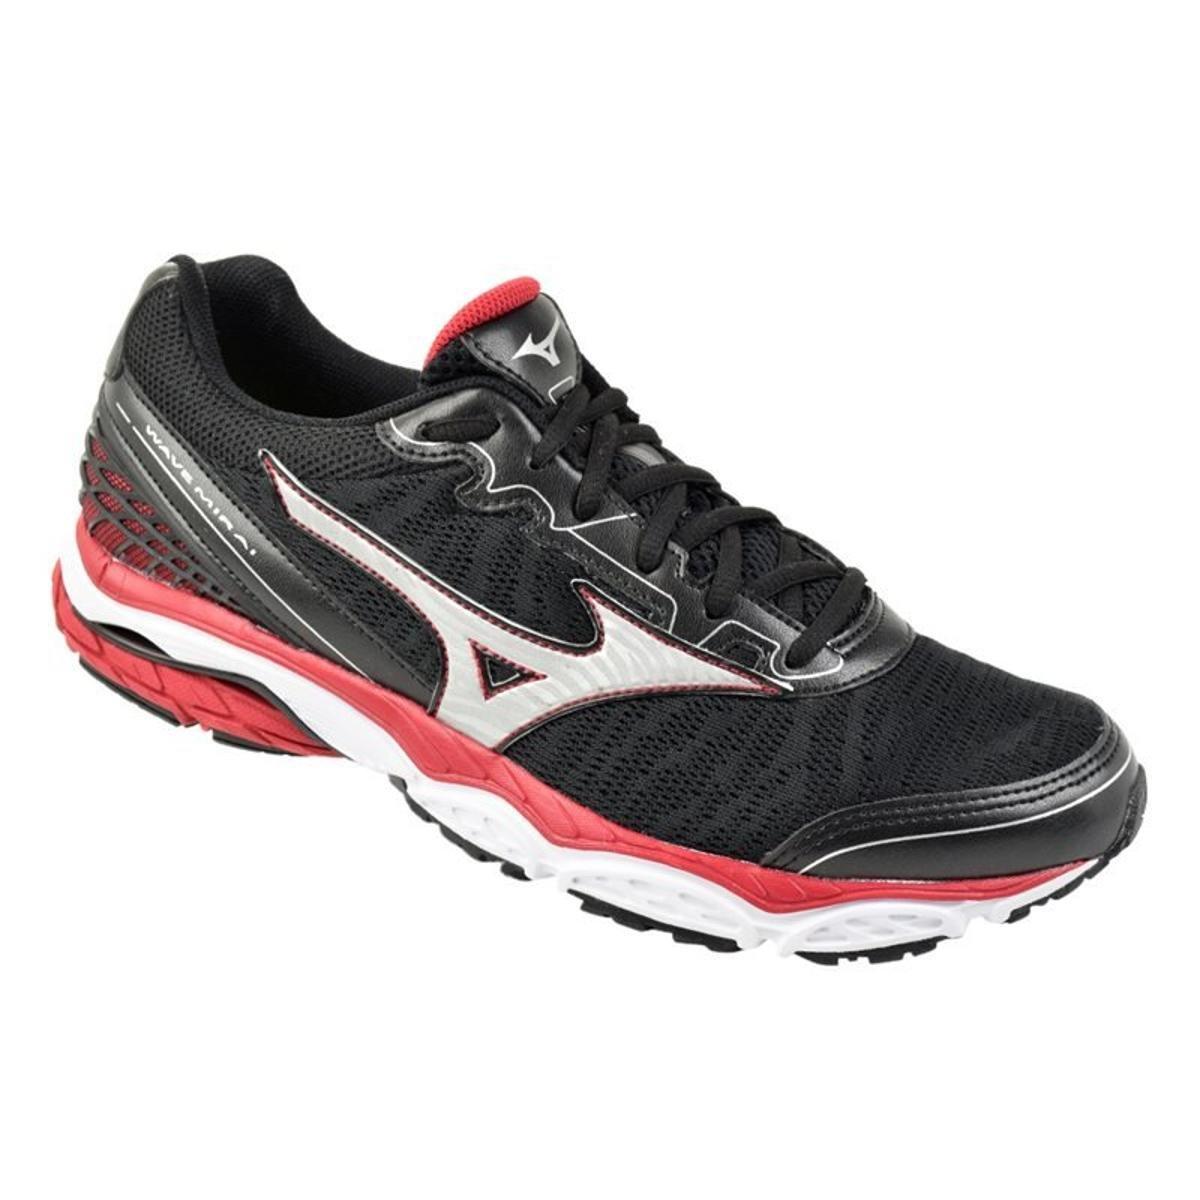 mens mizuno running shoes size 9.5 eu weight right uruguay